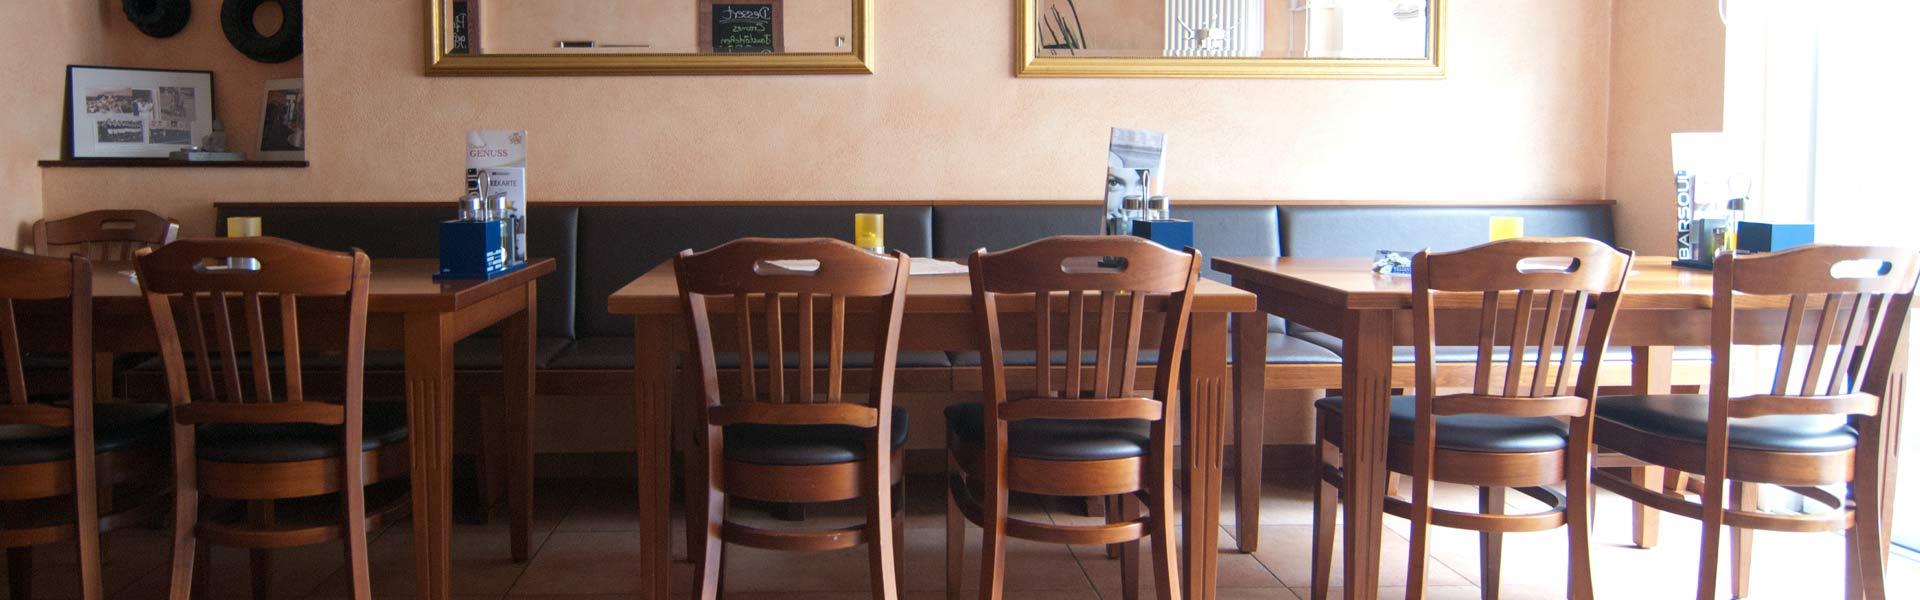 Gasthaus-Crames-Brunch